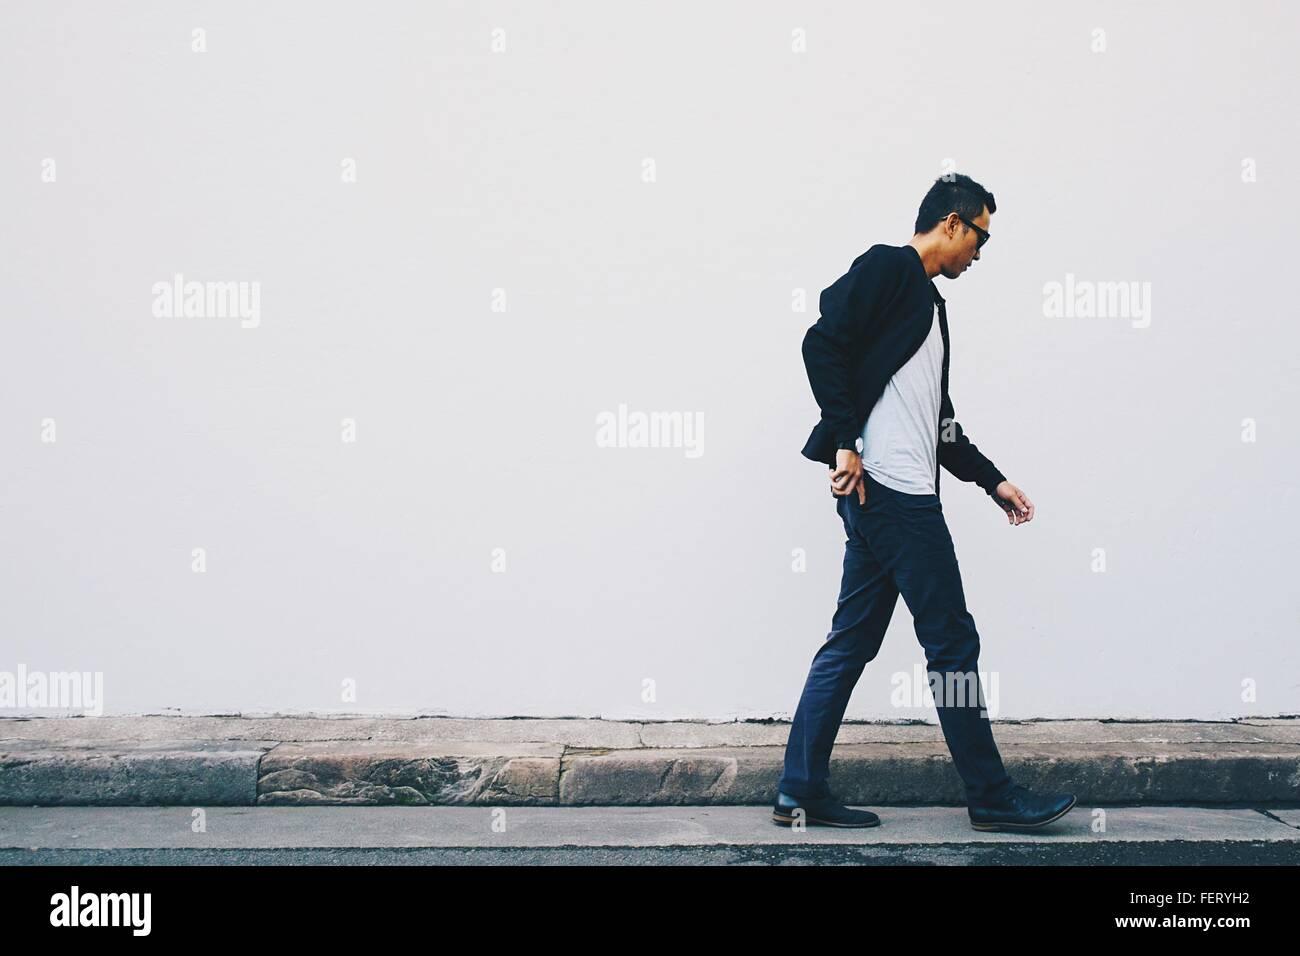 Junge Menschen gehen auf der Straße gegen die weiße Wand Stockbild